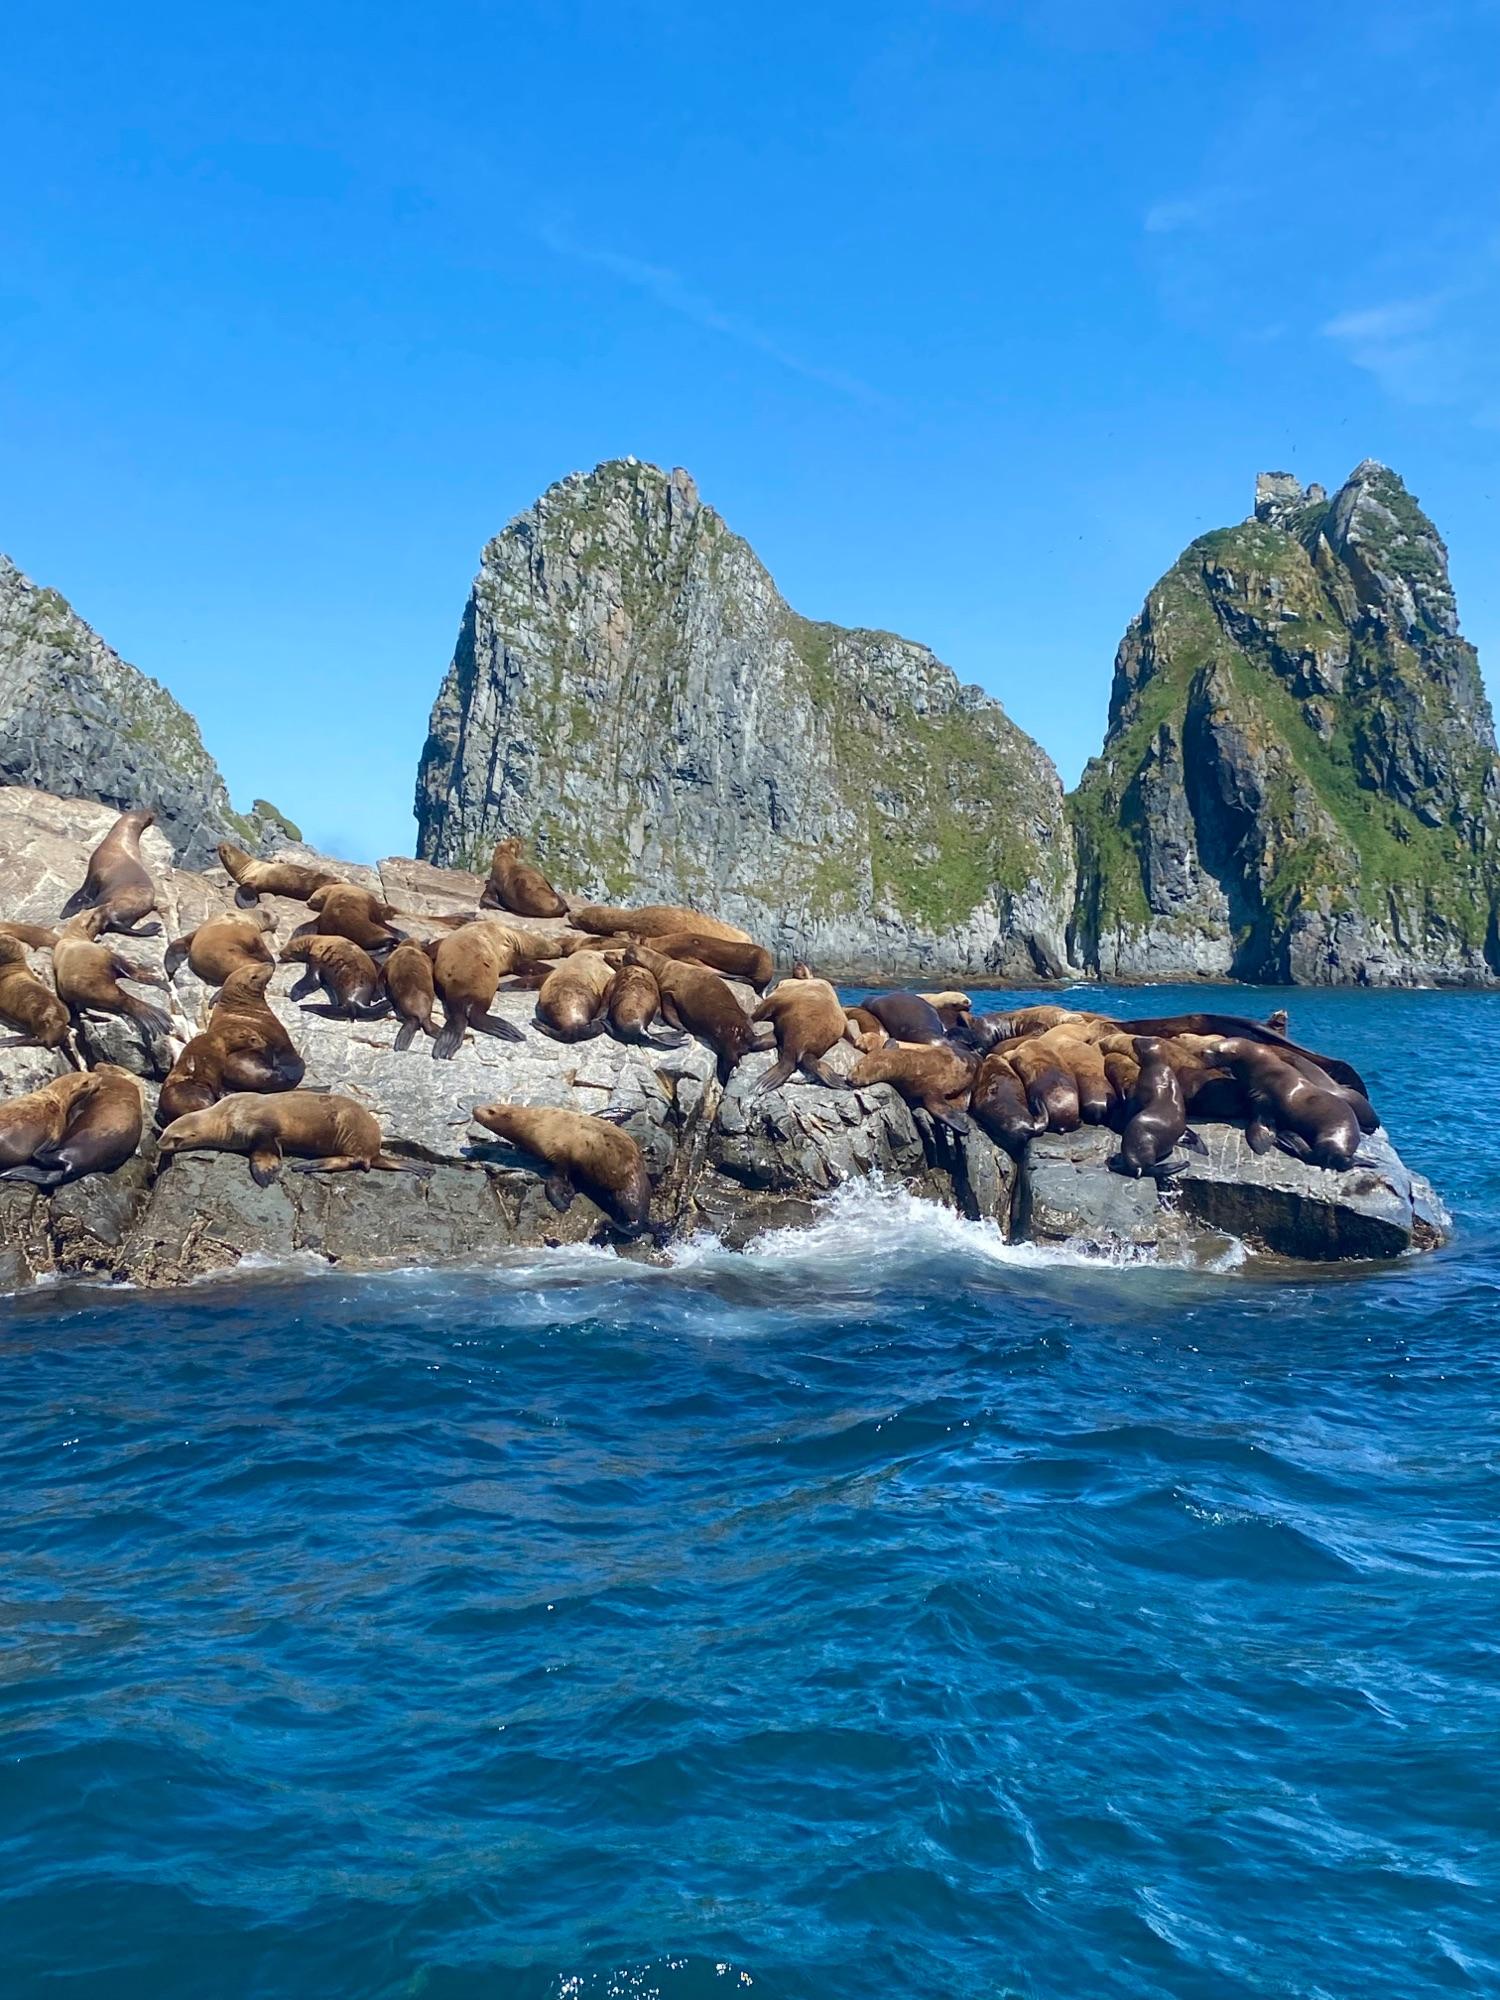 Это сивучи, или одна из разновидностей морских львов. Лежат, орут, дерутся :)